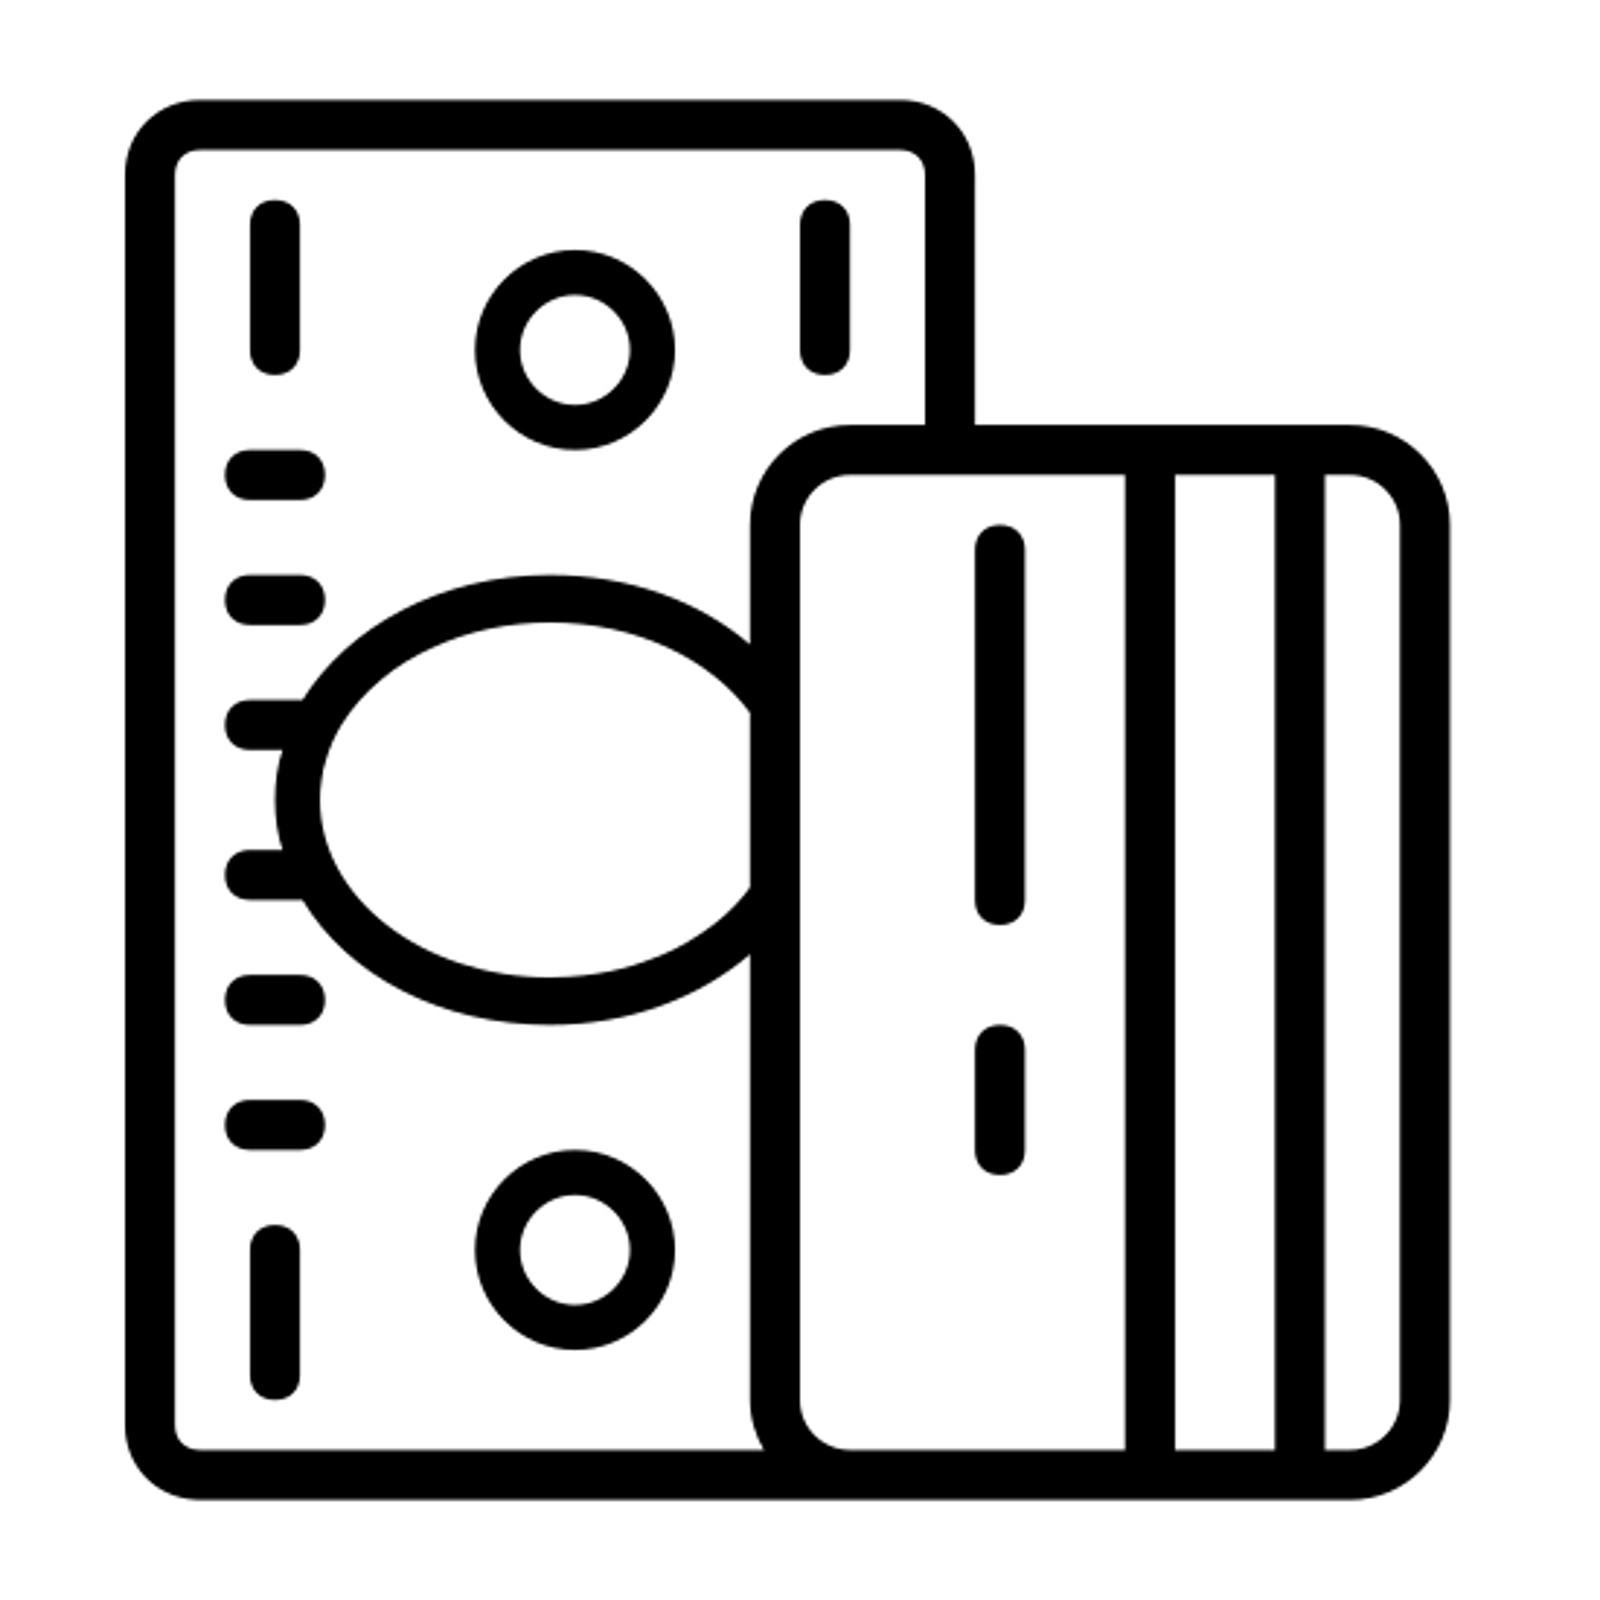 Split Transaction icon